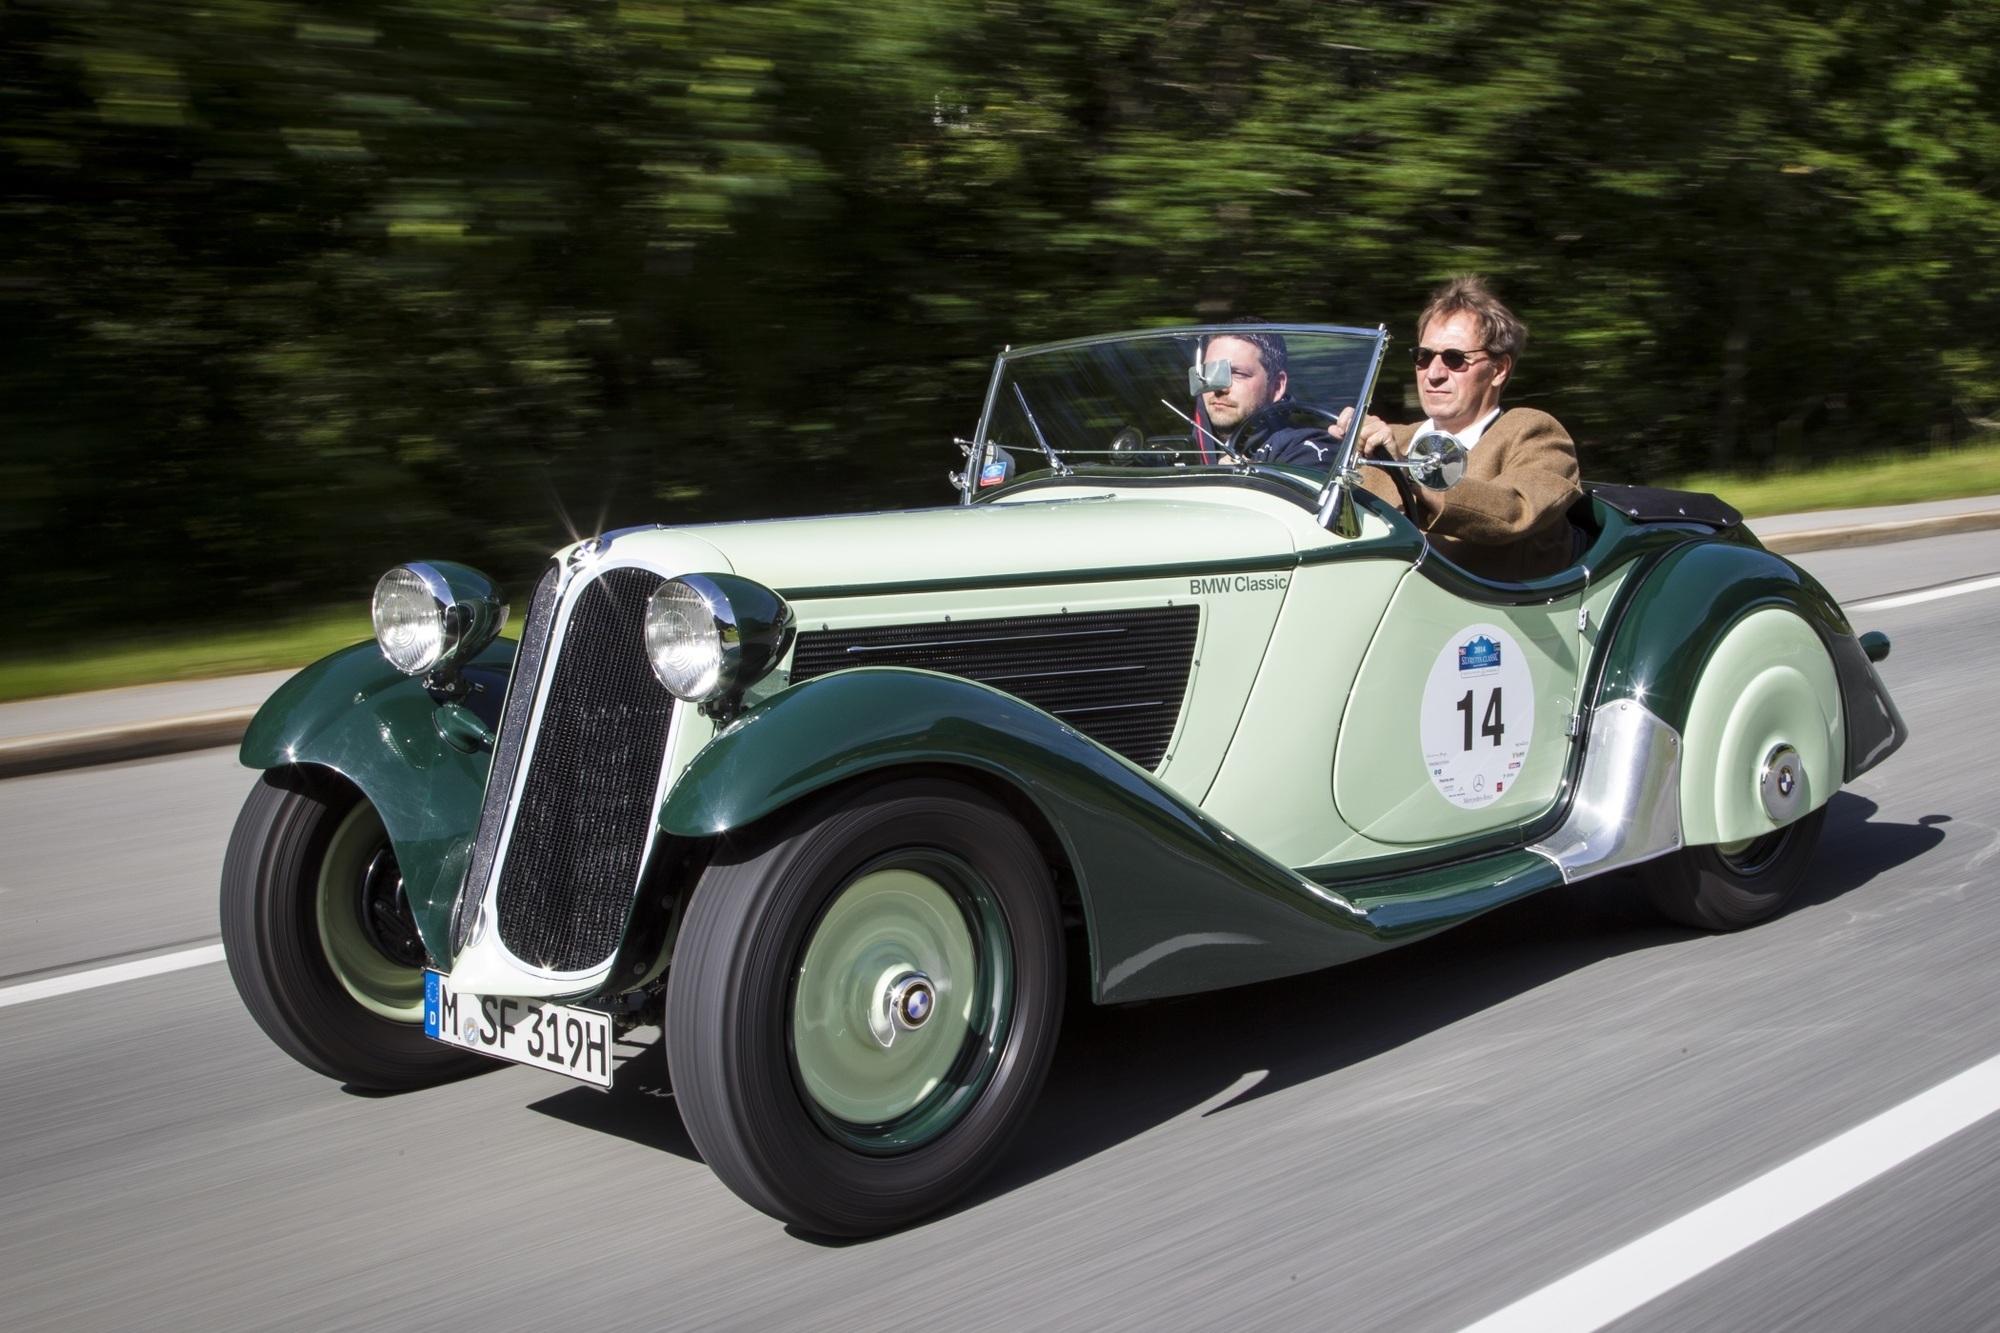 Umfrage zu Auto-Vorlieben - Jeder Vierte mag Oldtimer